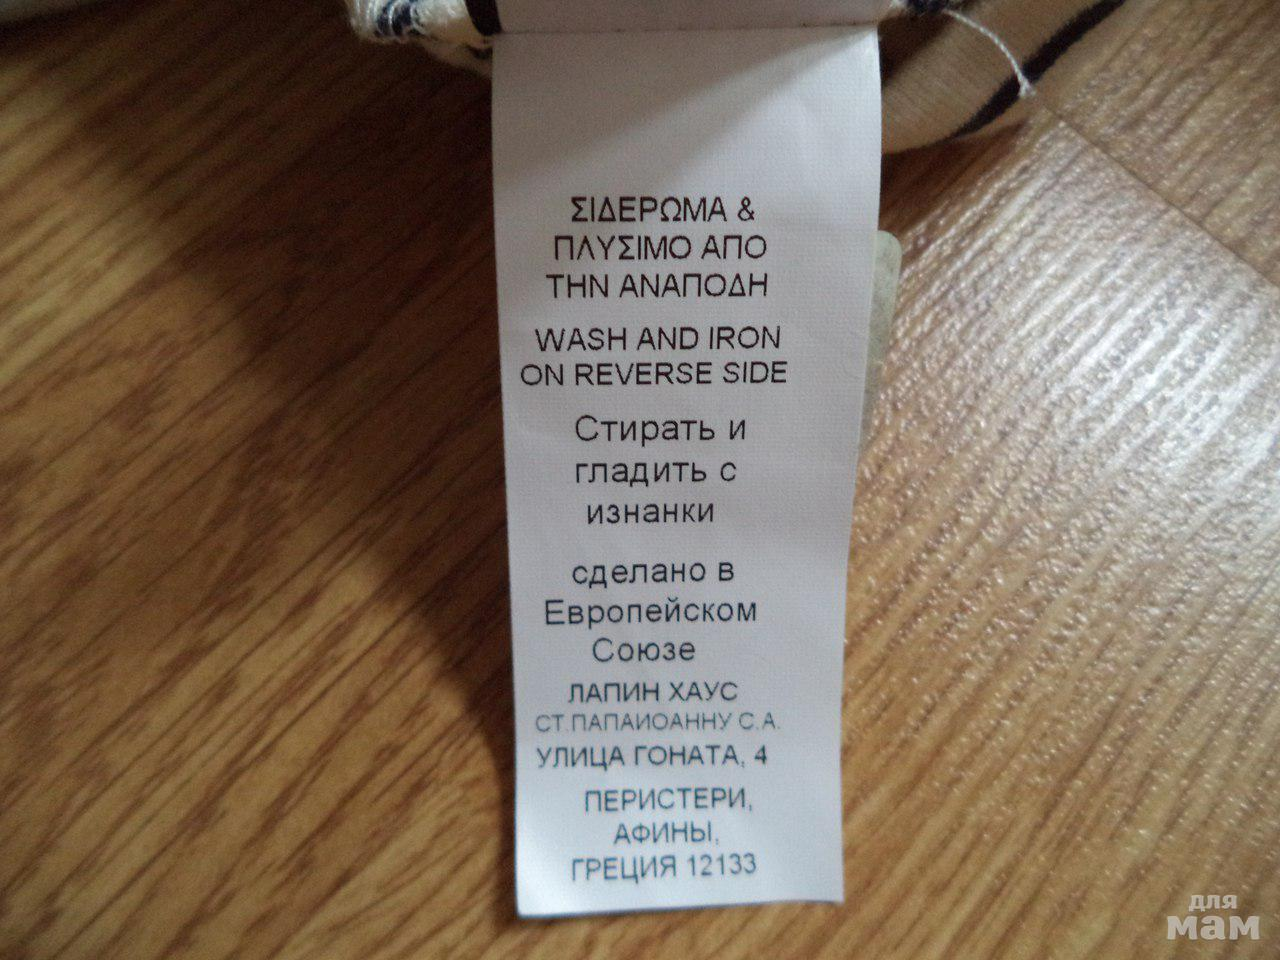 cde39ac5601 Lapin House р 10 лет состояние отличное Цена 1000р г Москва почта в цену не  входит.ширина от подмышки до подмышки 36см длина по середине спины 67см